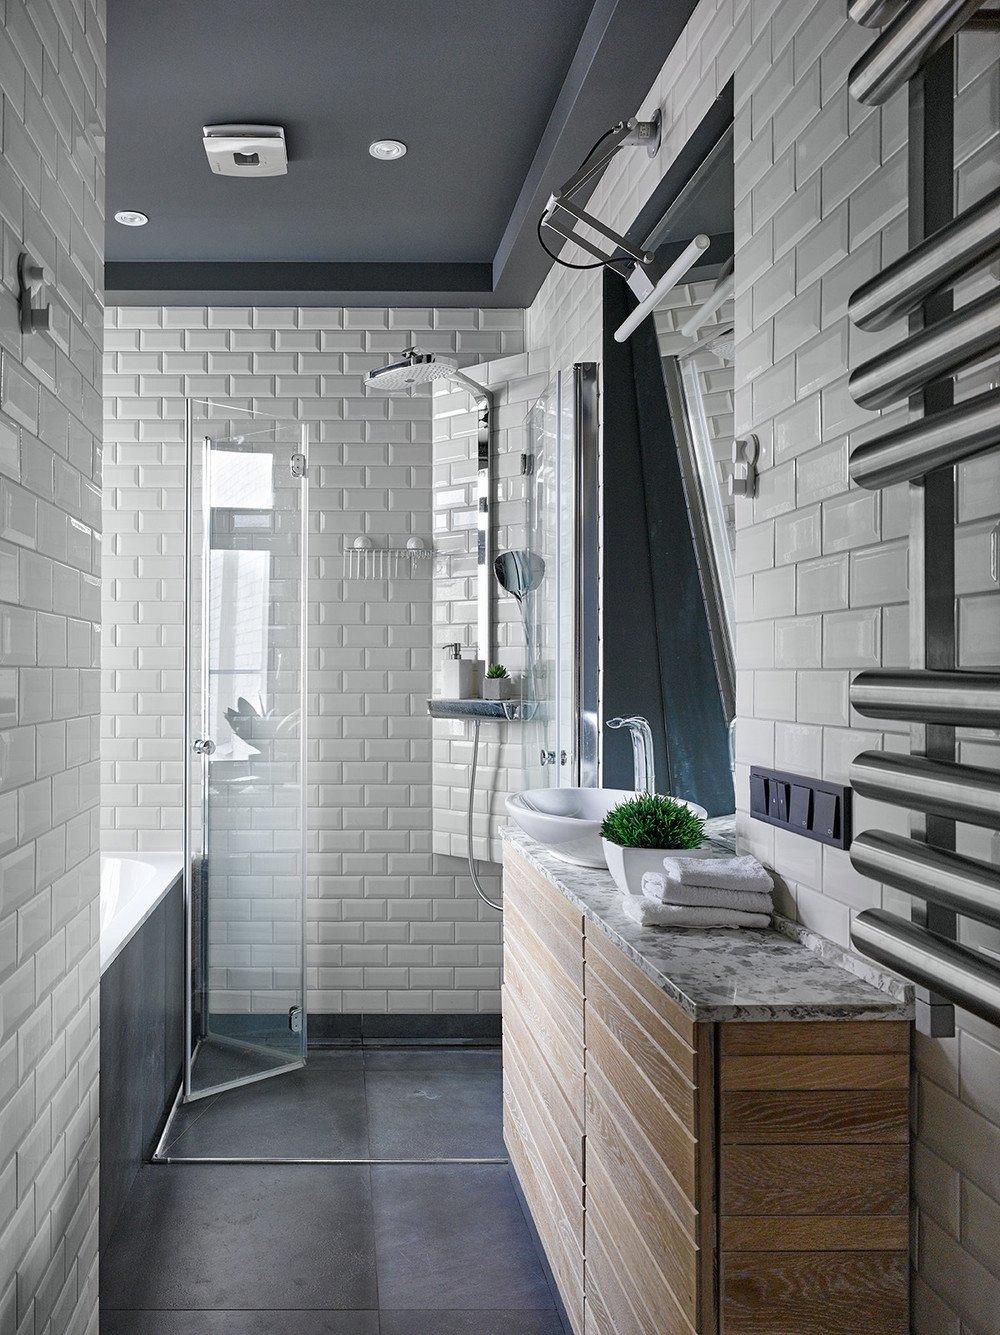 6,2 m2 fürdőszoba loft stílusban (4 kép + alaprajz)  Szárazépítészeti Design